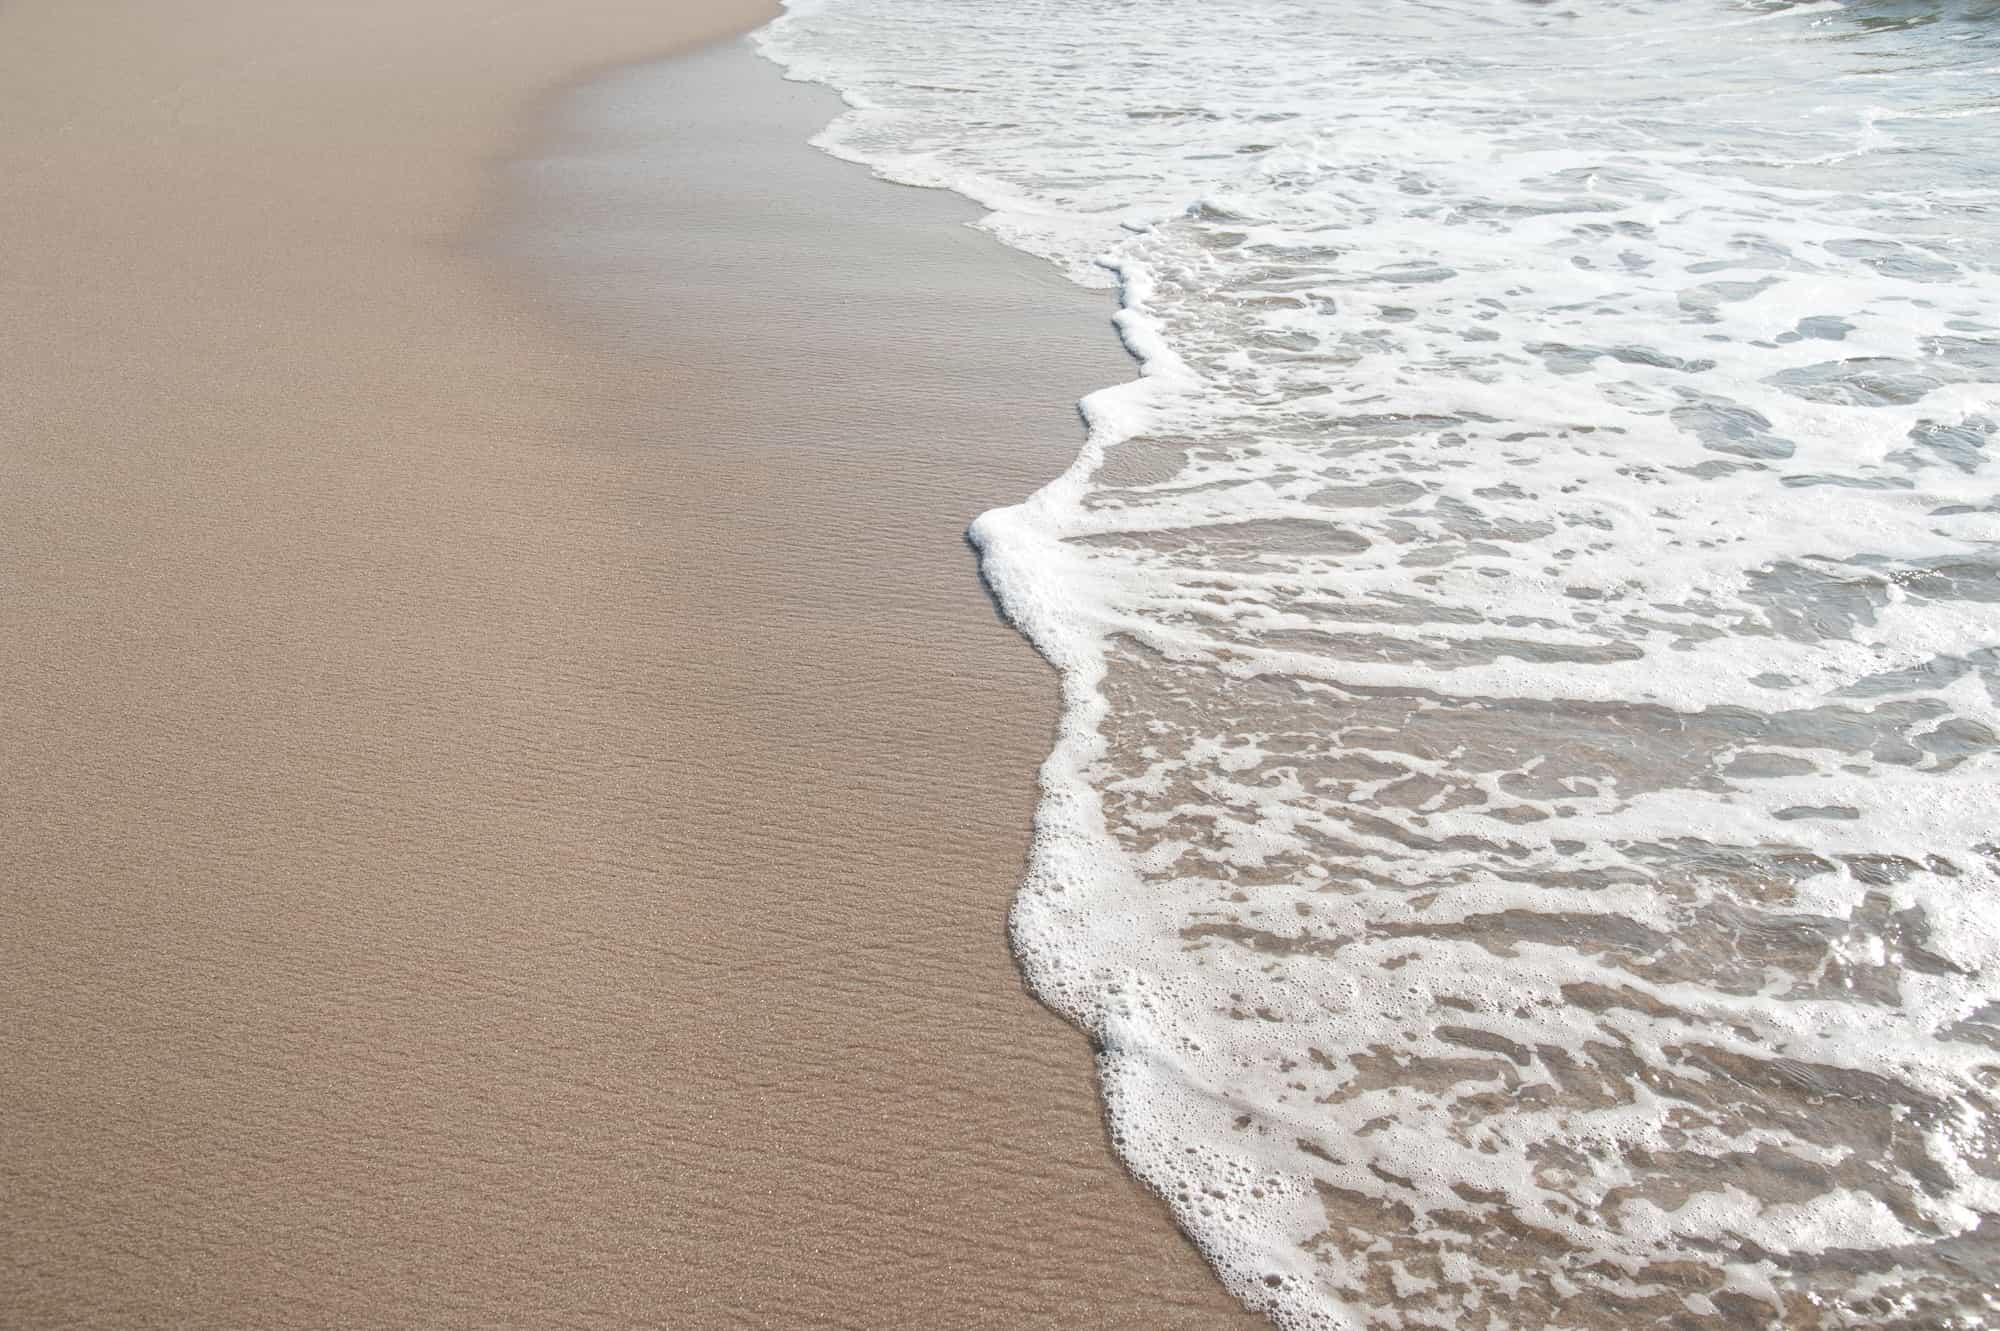 Die Wellen brechen auf dem Strand vor Langeoog. Um dem Abtrieb entgegenzuarbeiten sorgt der NLWKN für die Strandaufspülung.